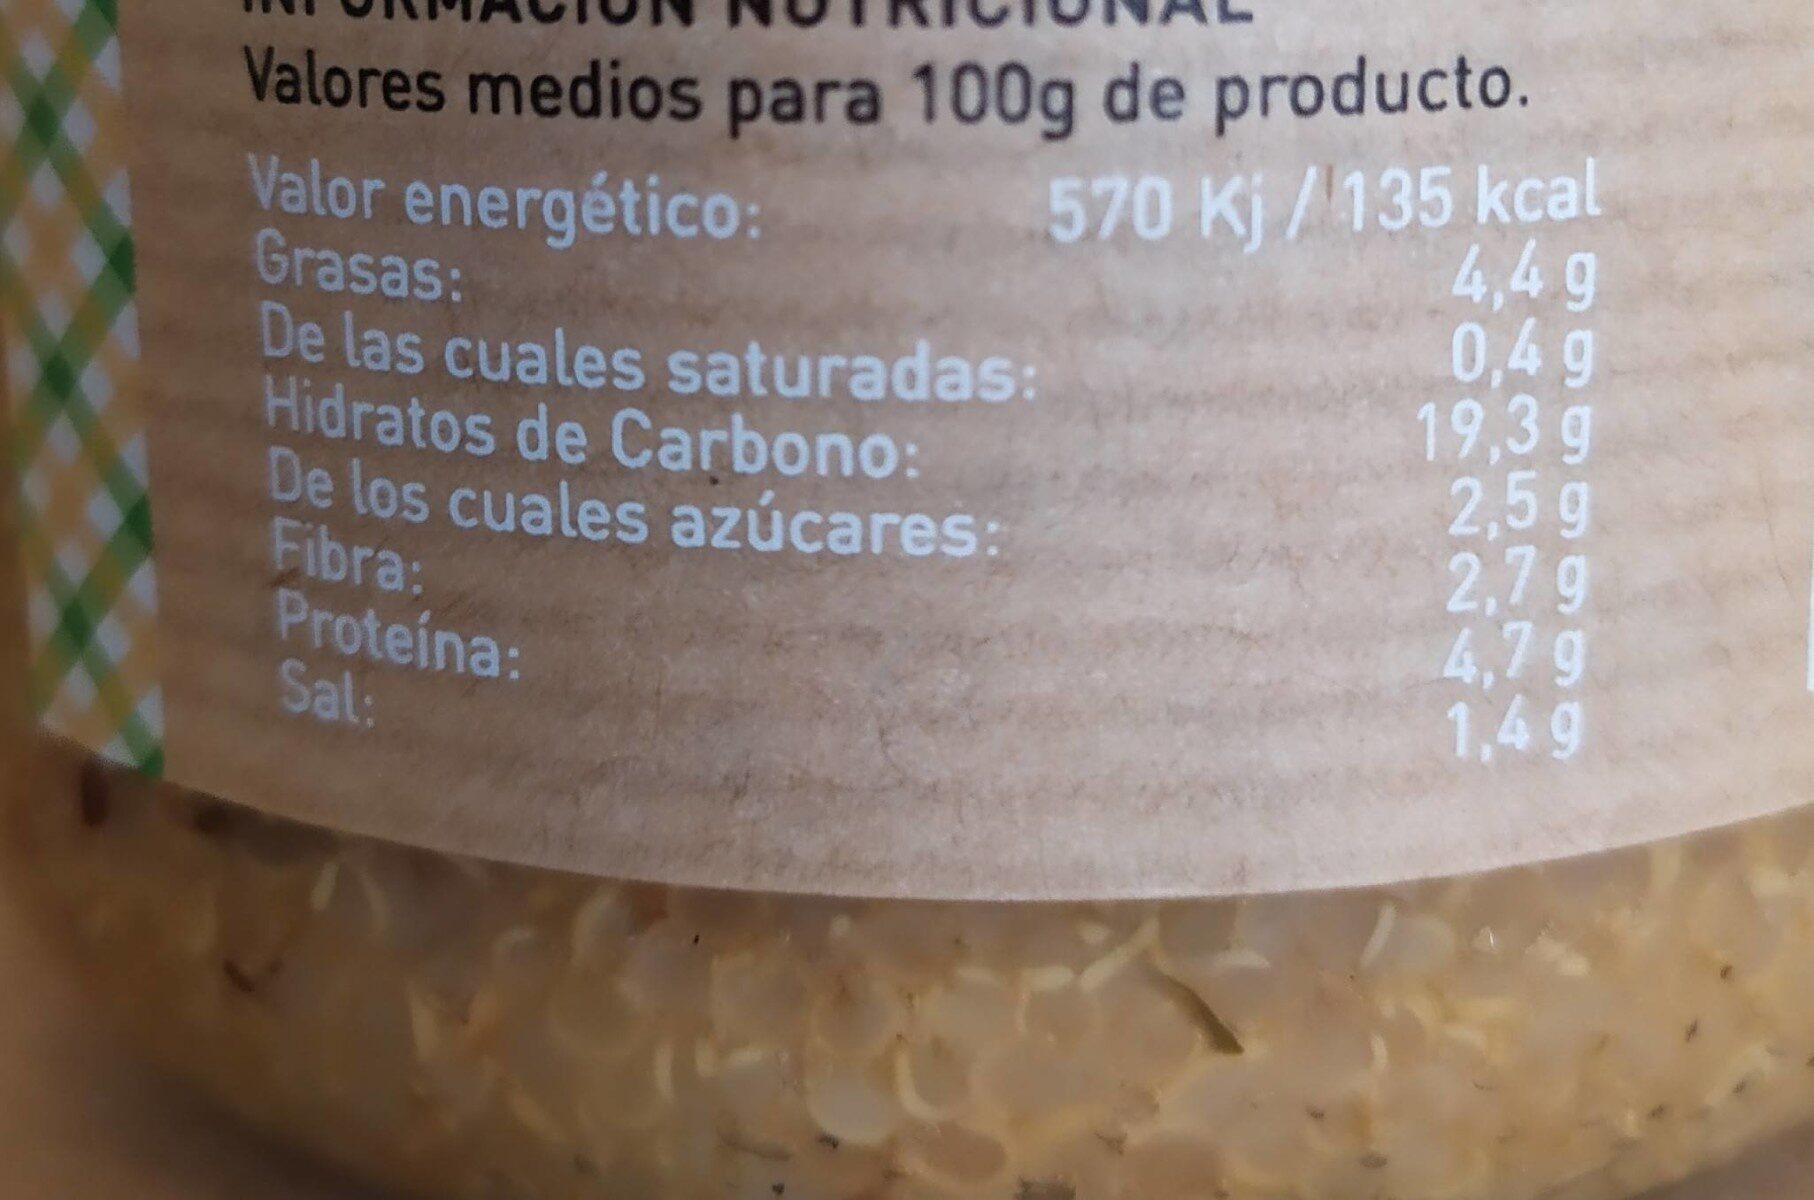 Quinoa con Verduras y Salsa Soja - Nutrition facts